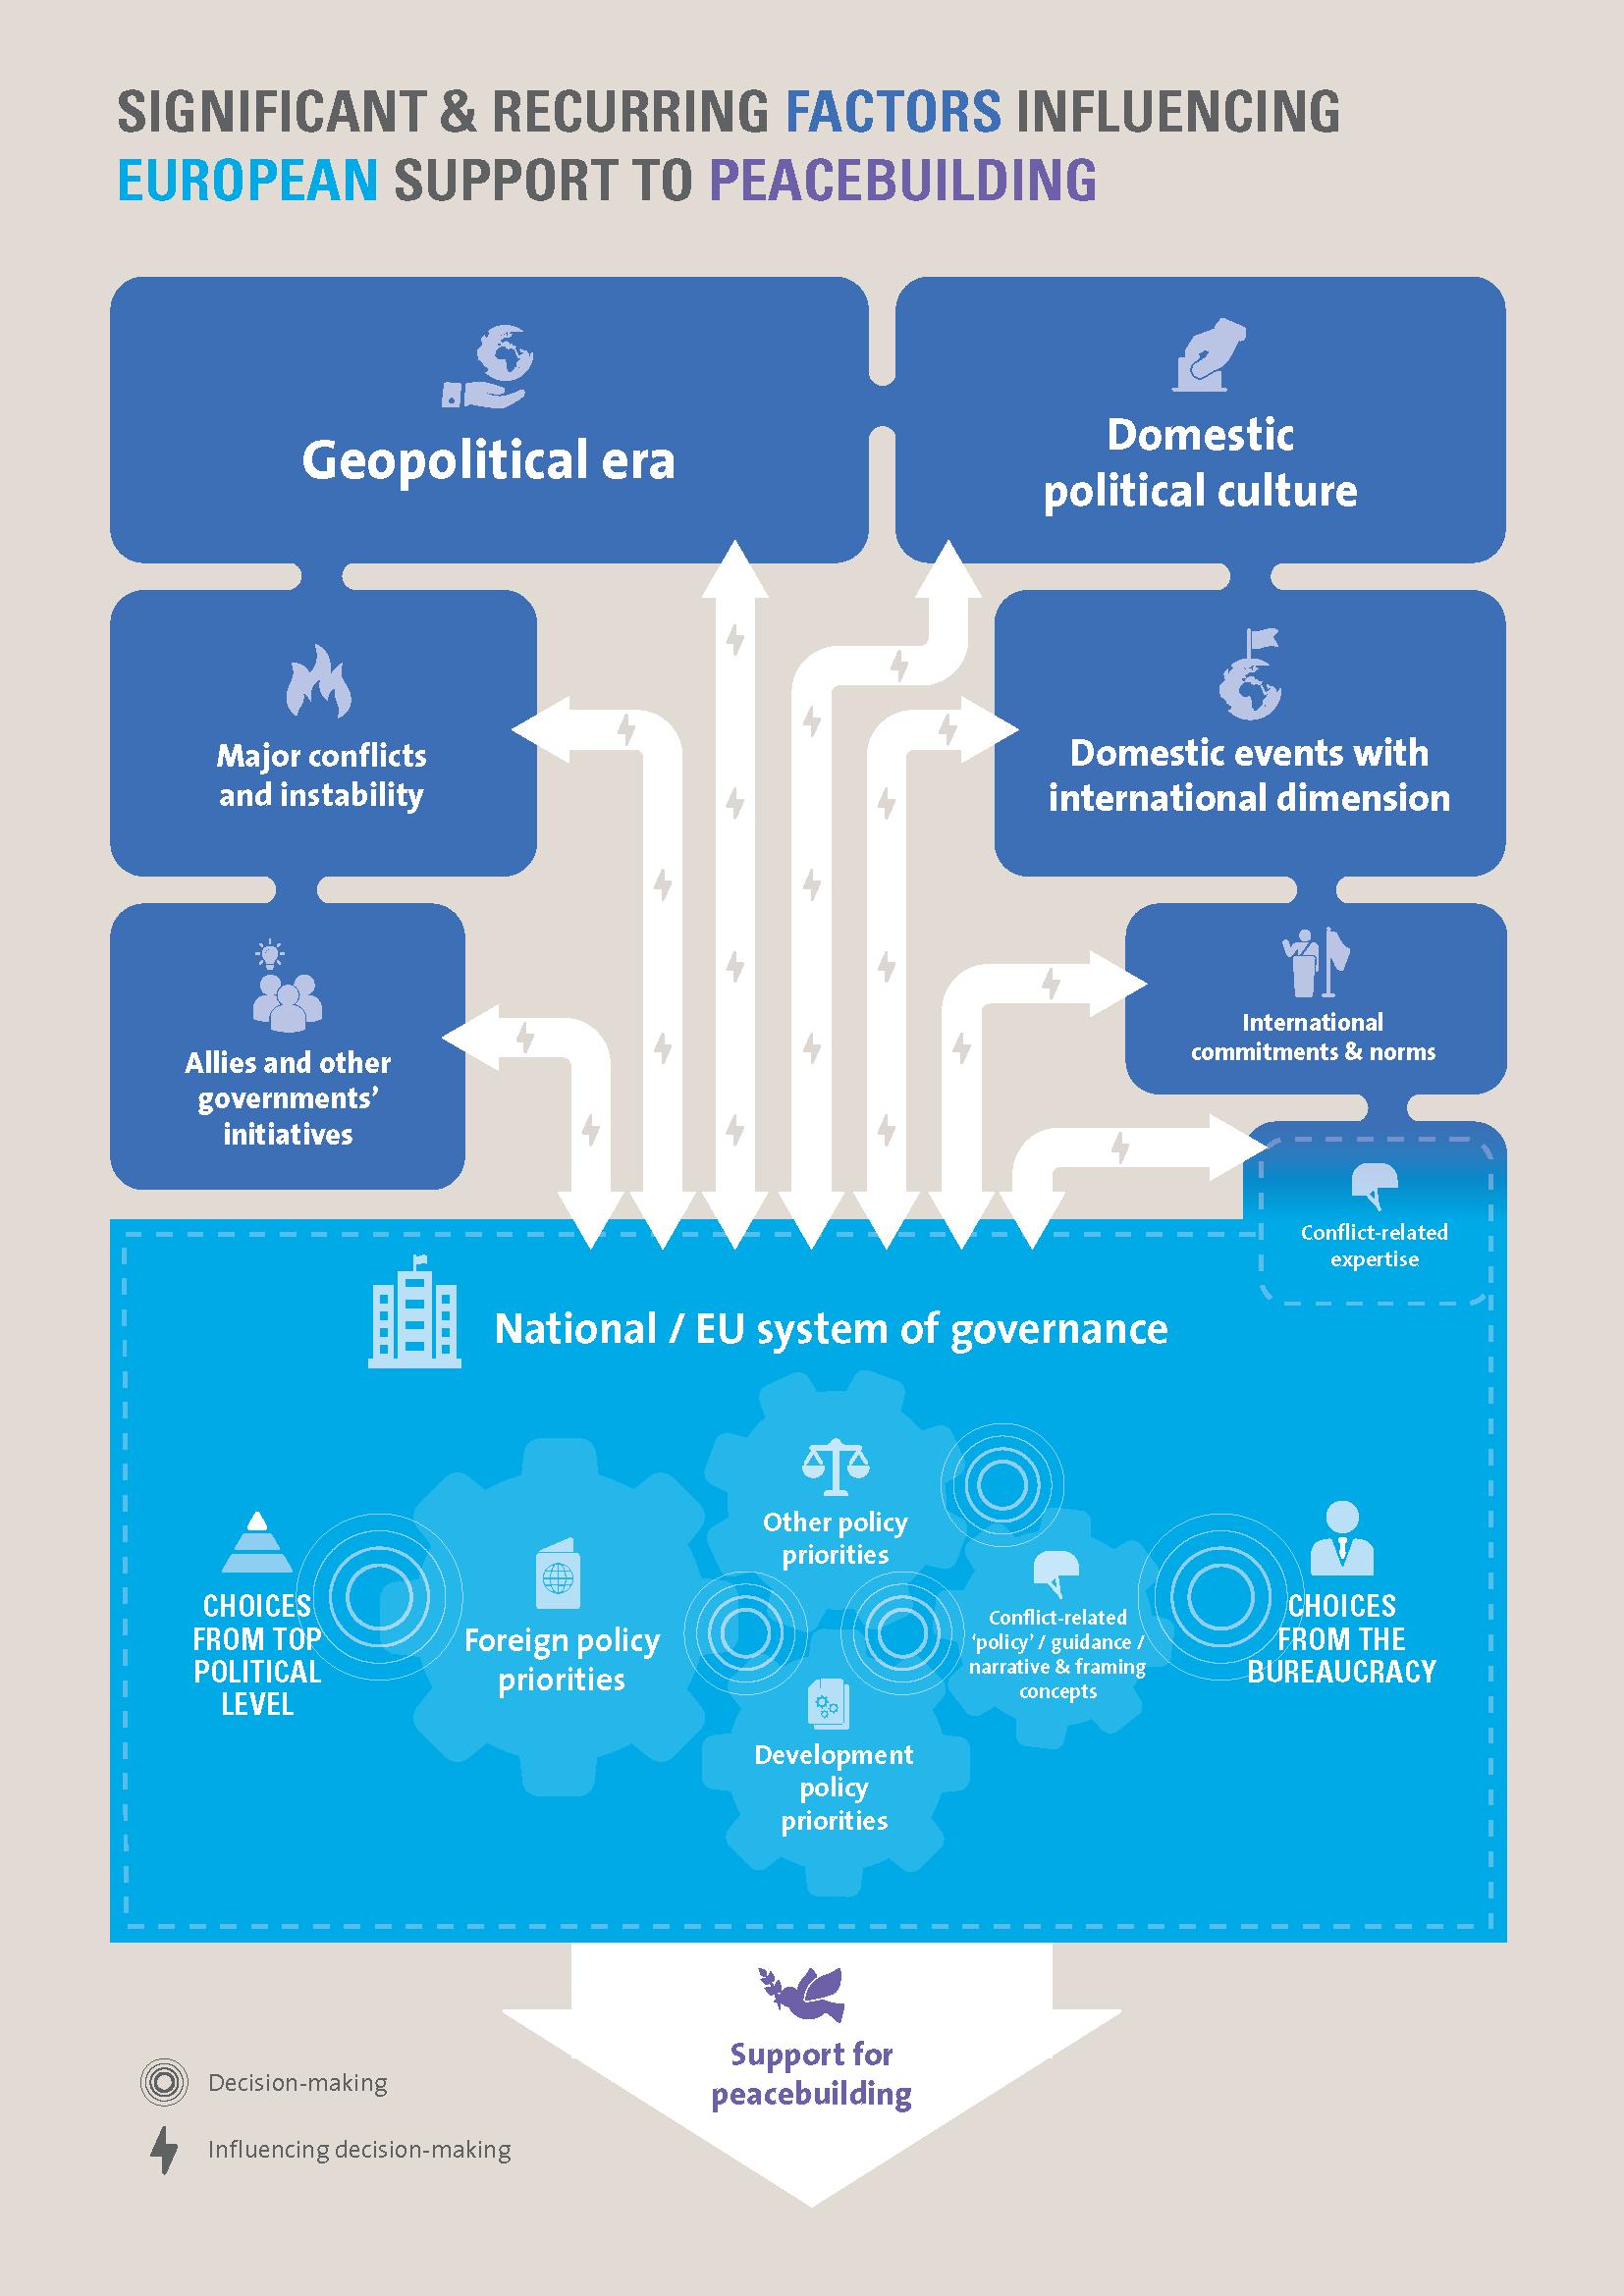 I principali fattori che influenzano il supporto europeo al peacebuilding. Fonte: ECDPM